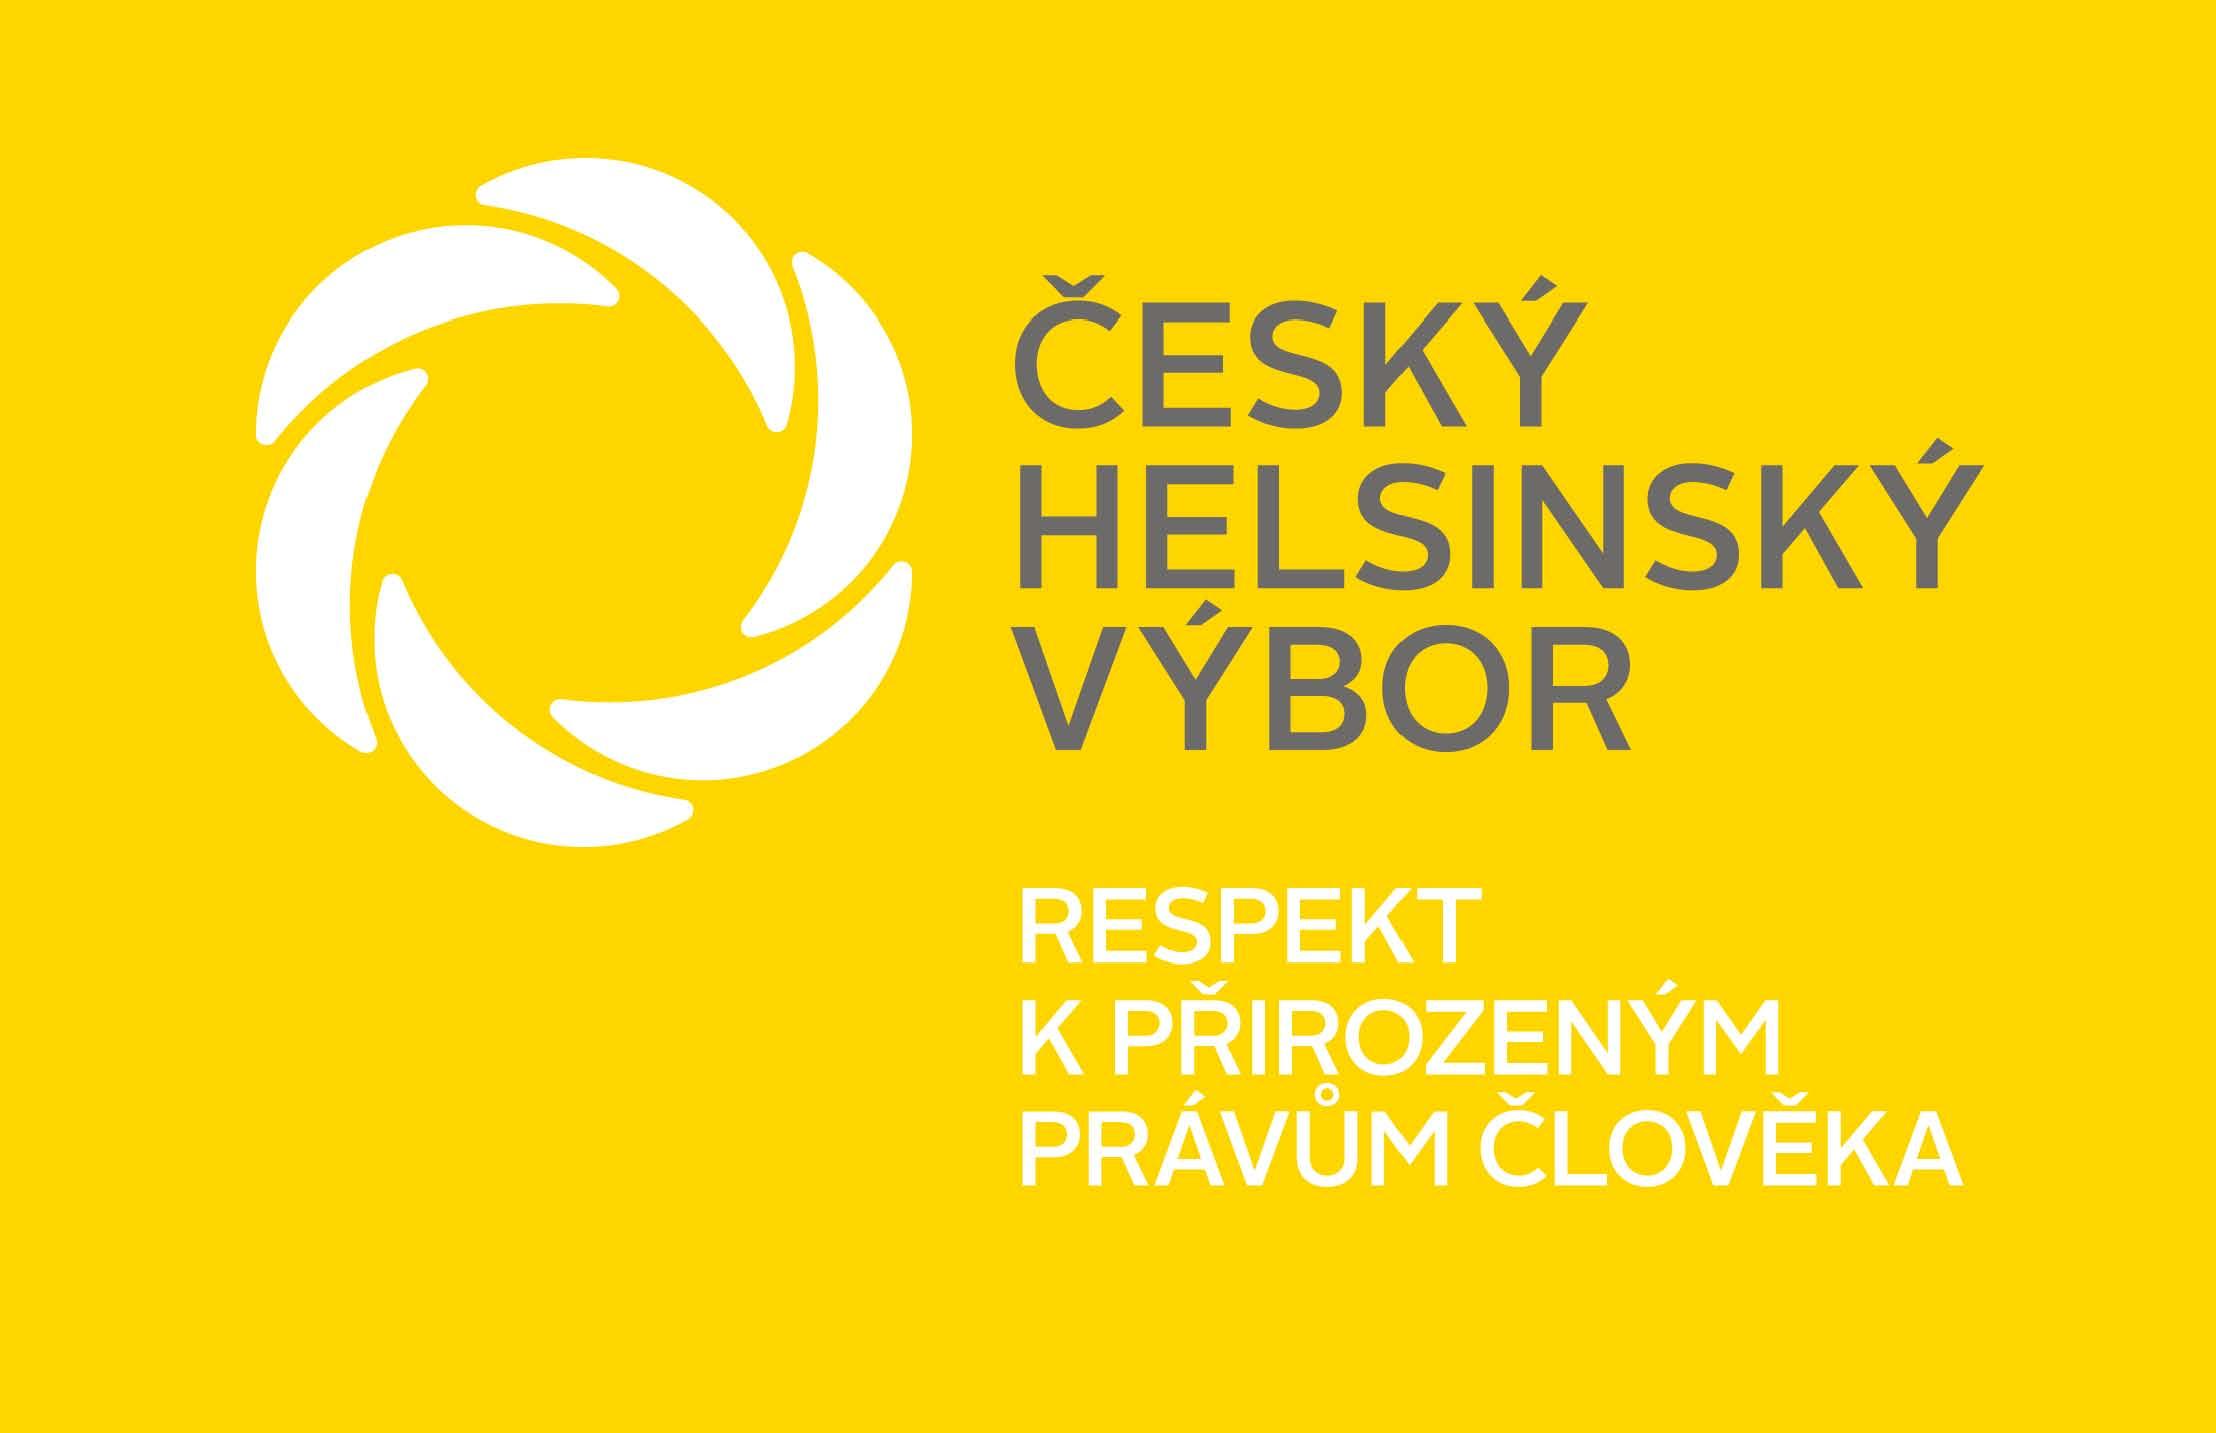 Český helsinský výbor